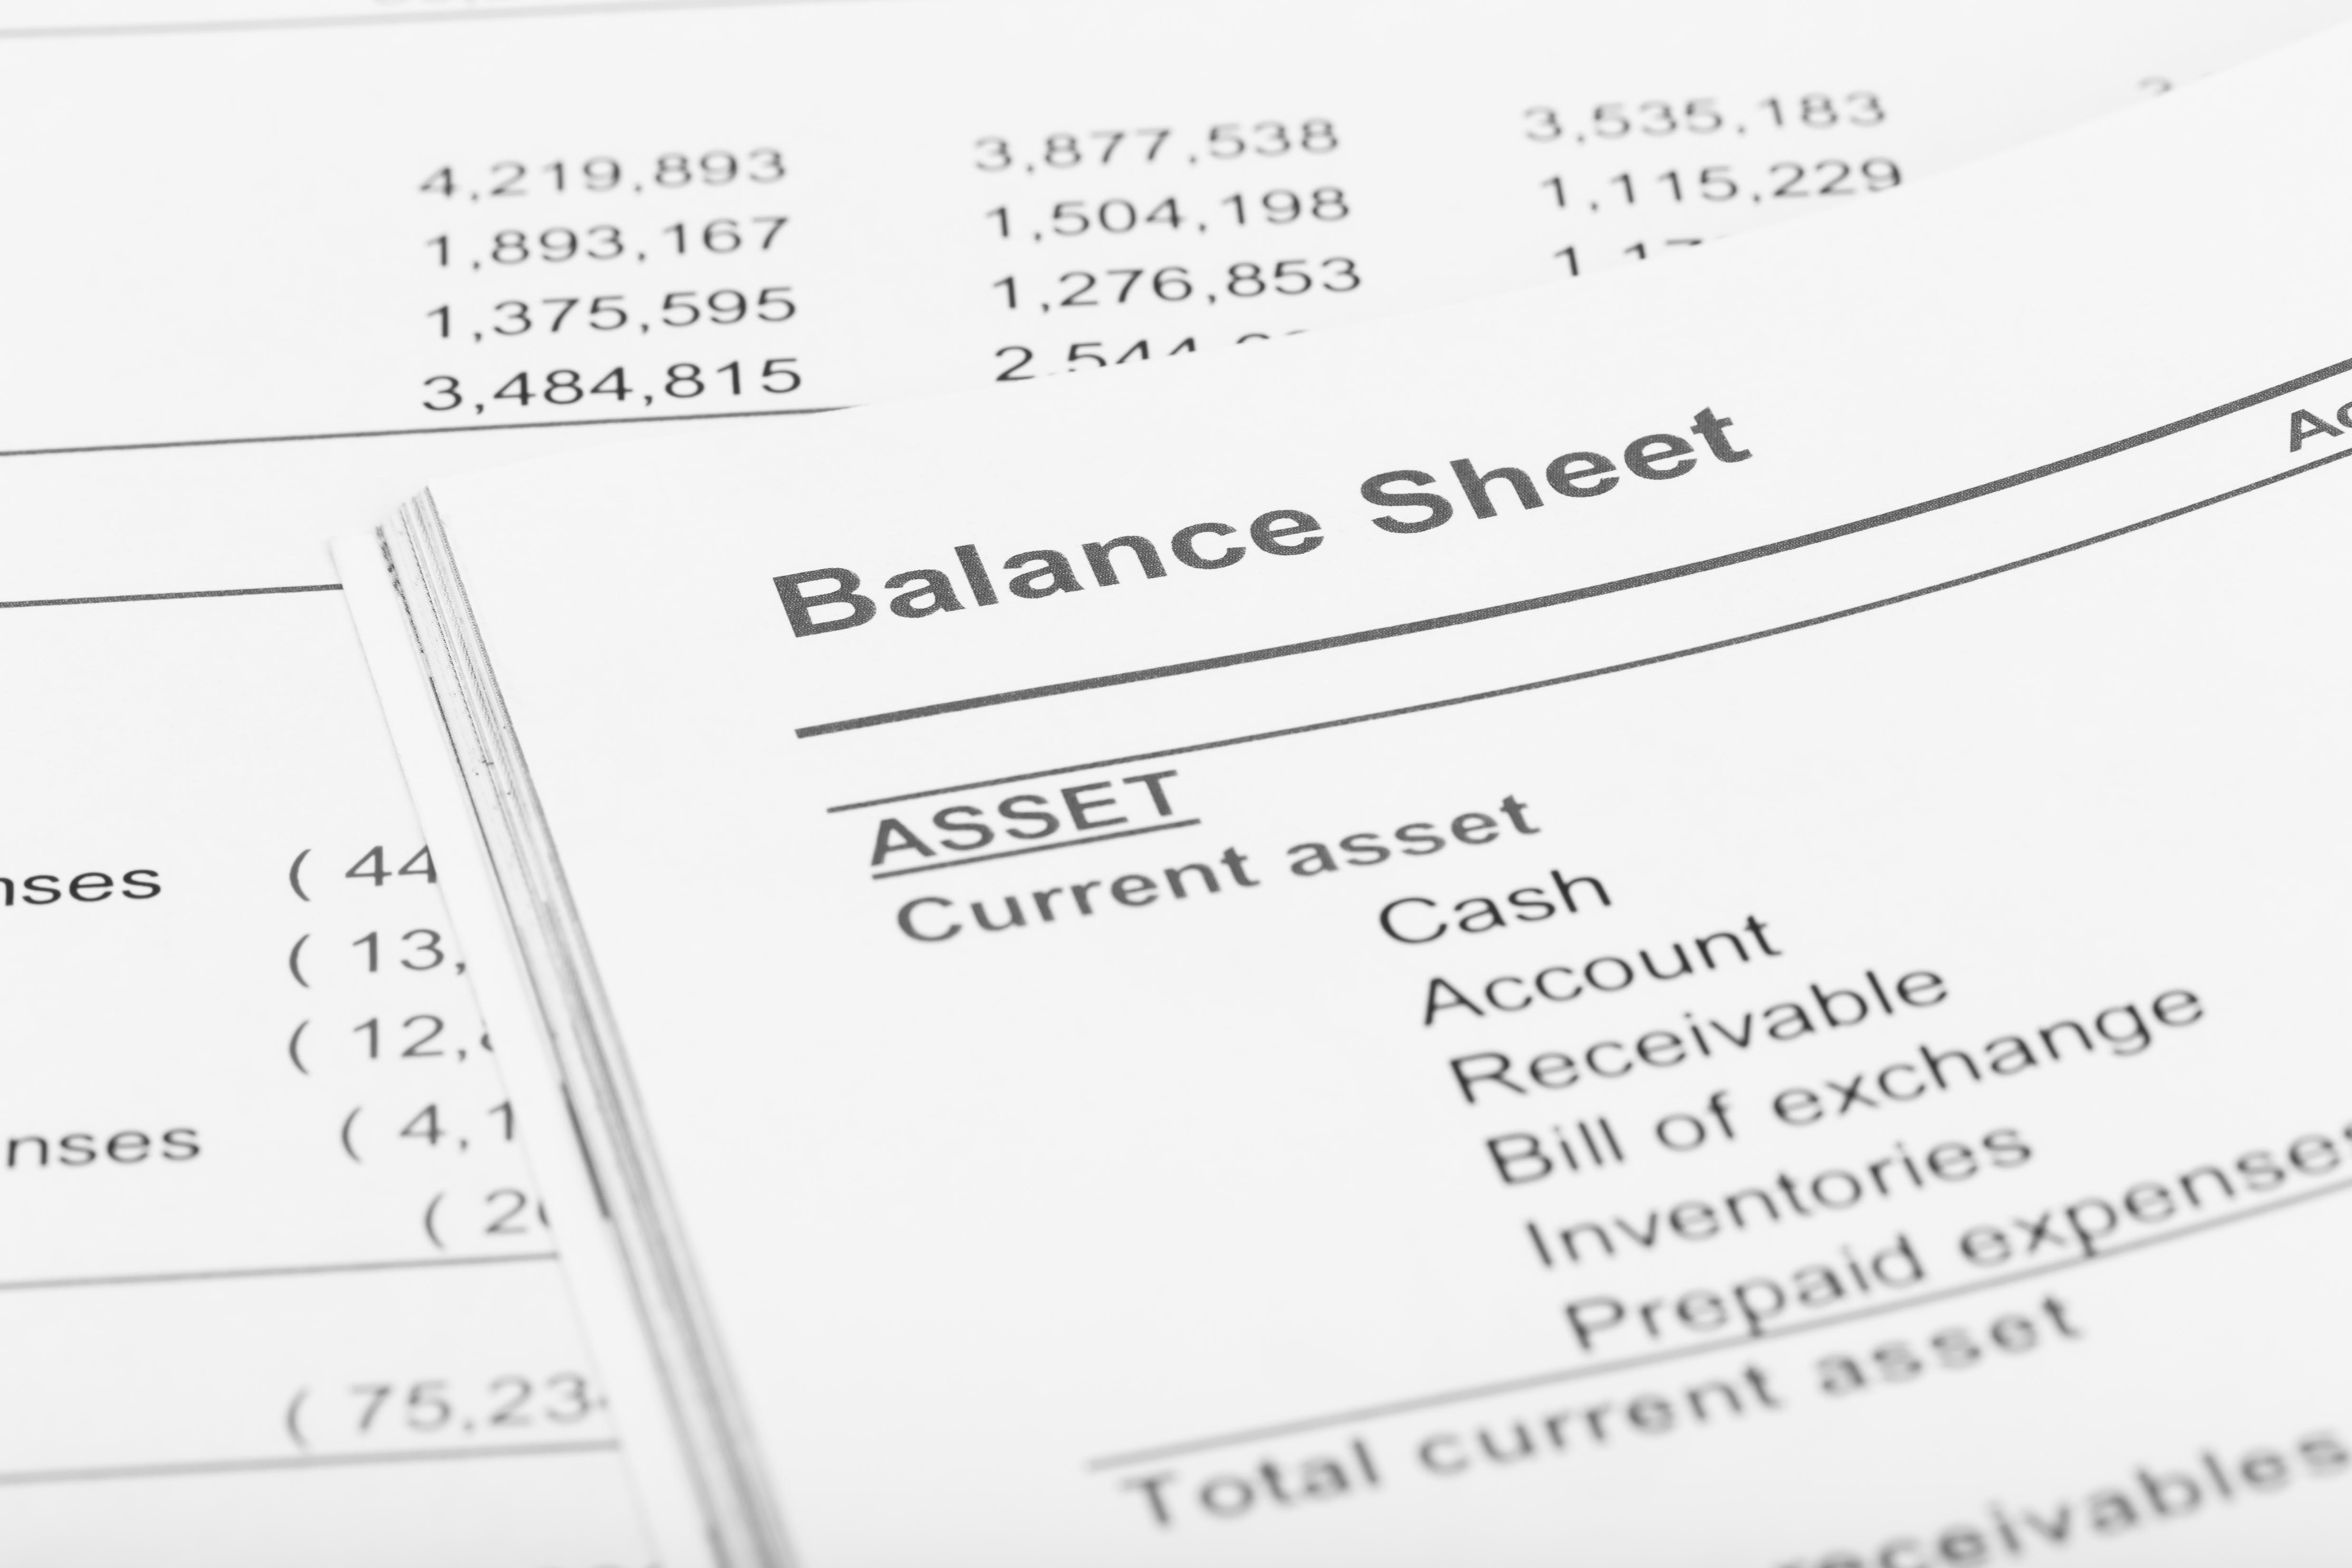 決算書を正しく分析できれば改善点は見えてくる  経営改善 コンサル 税理士 会計士 富山